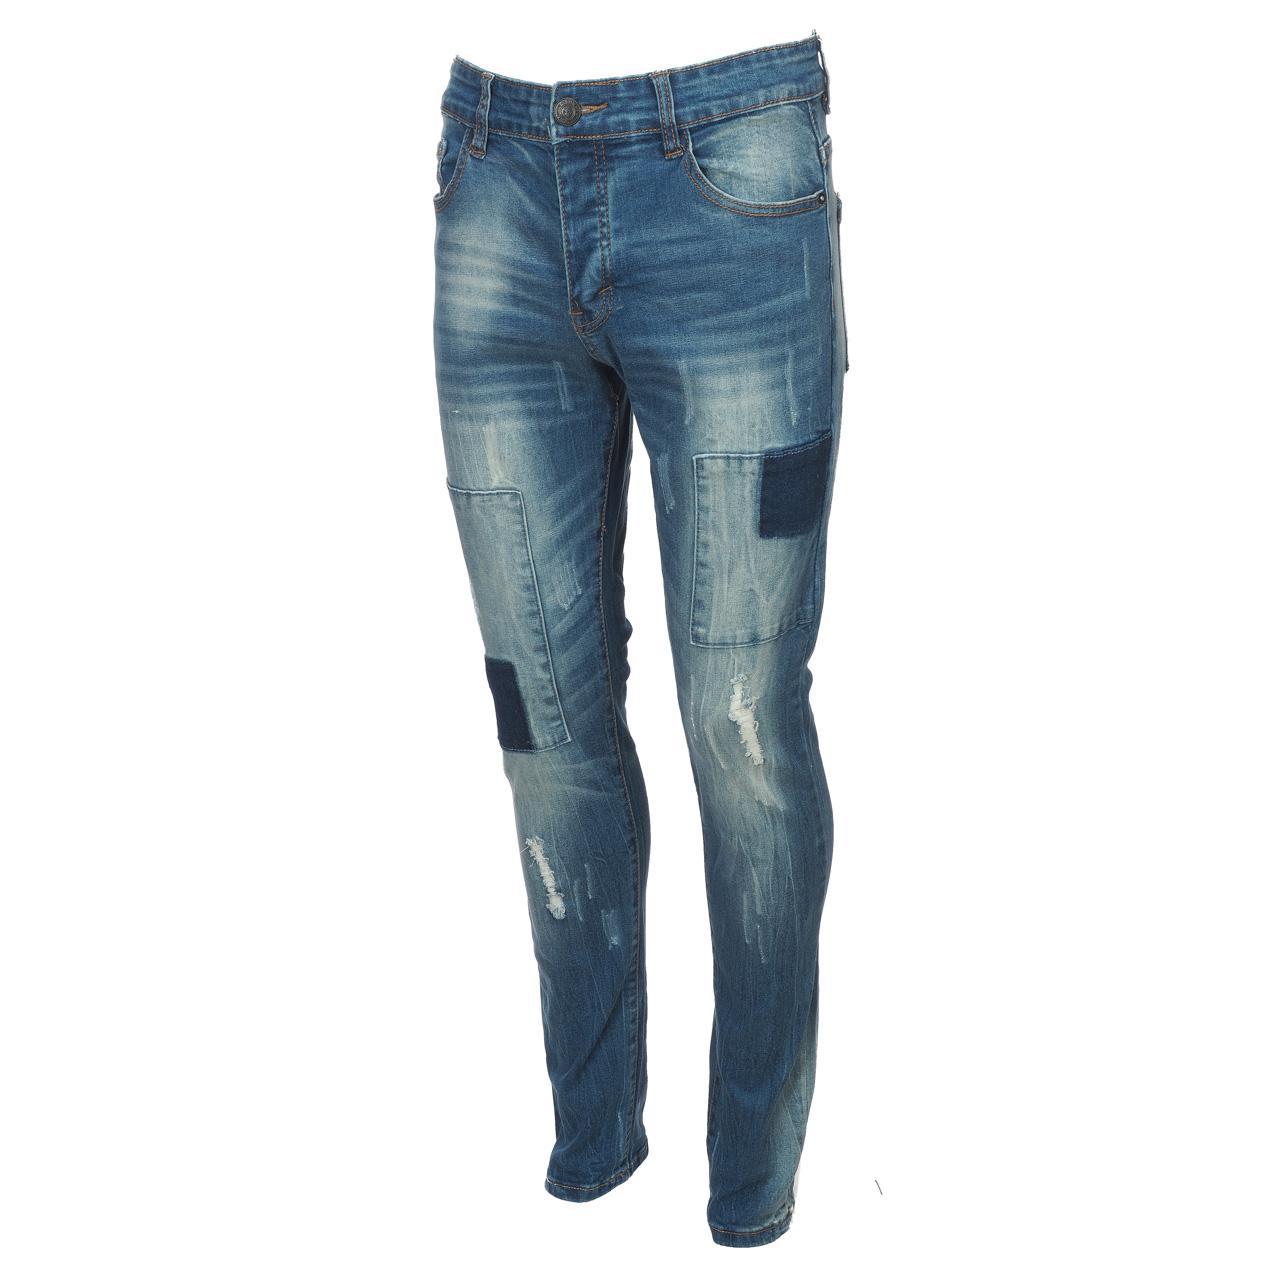 Jeans-Pants-Hite-Couture-Kimit-Blue-Blue-Jeans-56935-New